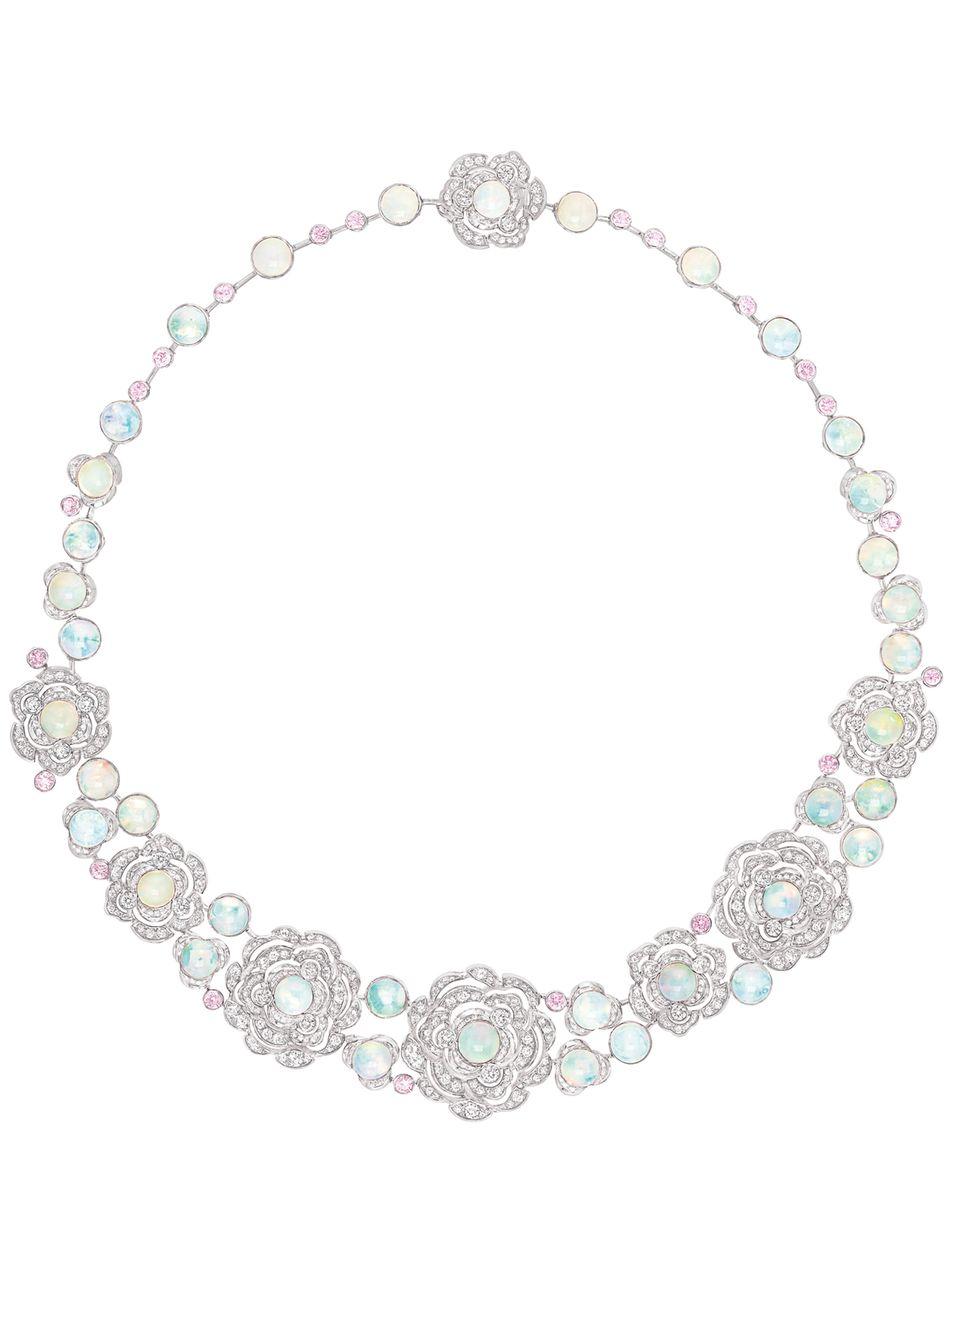 Sogar Juwelen-Queen Liz Taylor wäre wohl sprachlos gewesen beim Anblick dieses Colliers aus Weißgold mit Diamanten und schimmernden Opalen. Von Chanel Joaillerie, Preis auf Anfrage